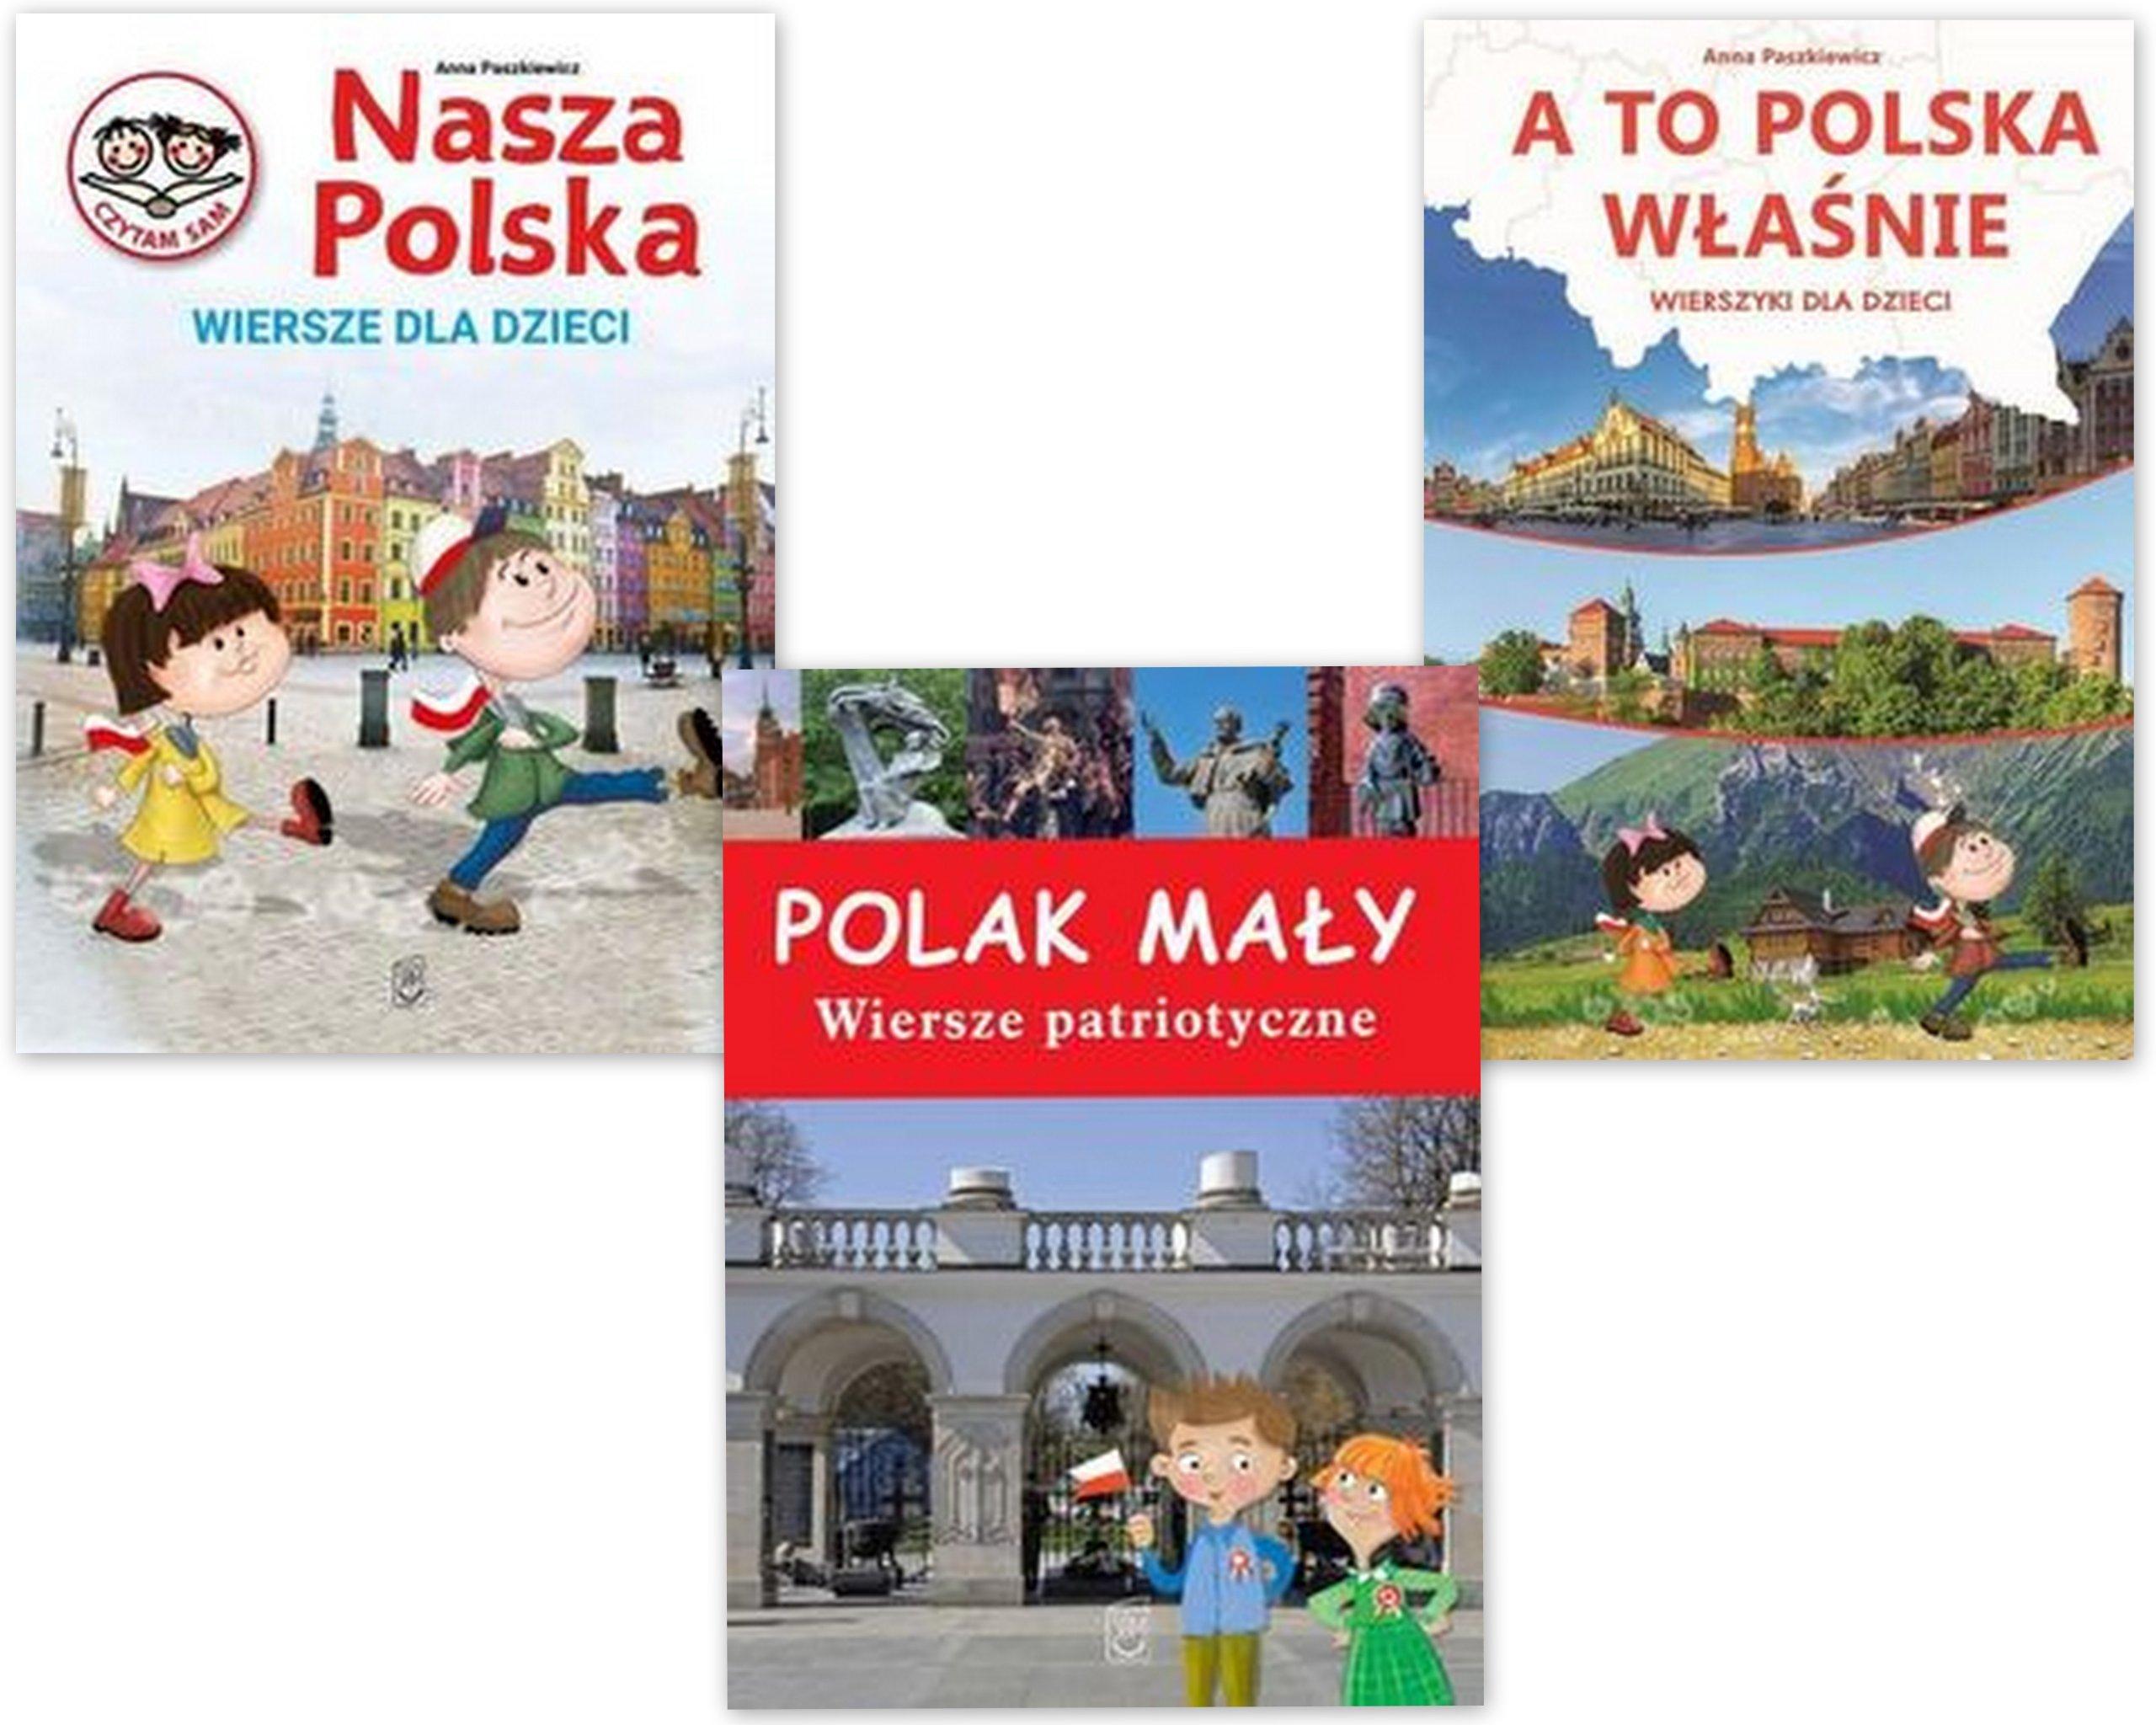 Nasza Polskapolak Małya To Polska Właśnie Wiersz